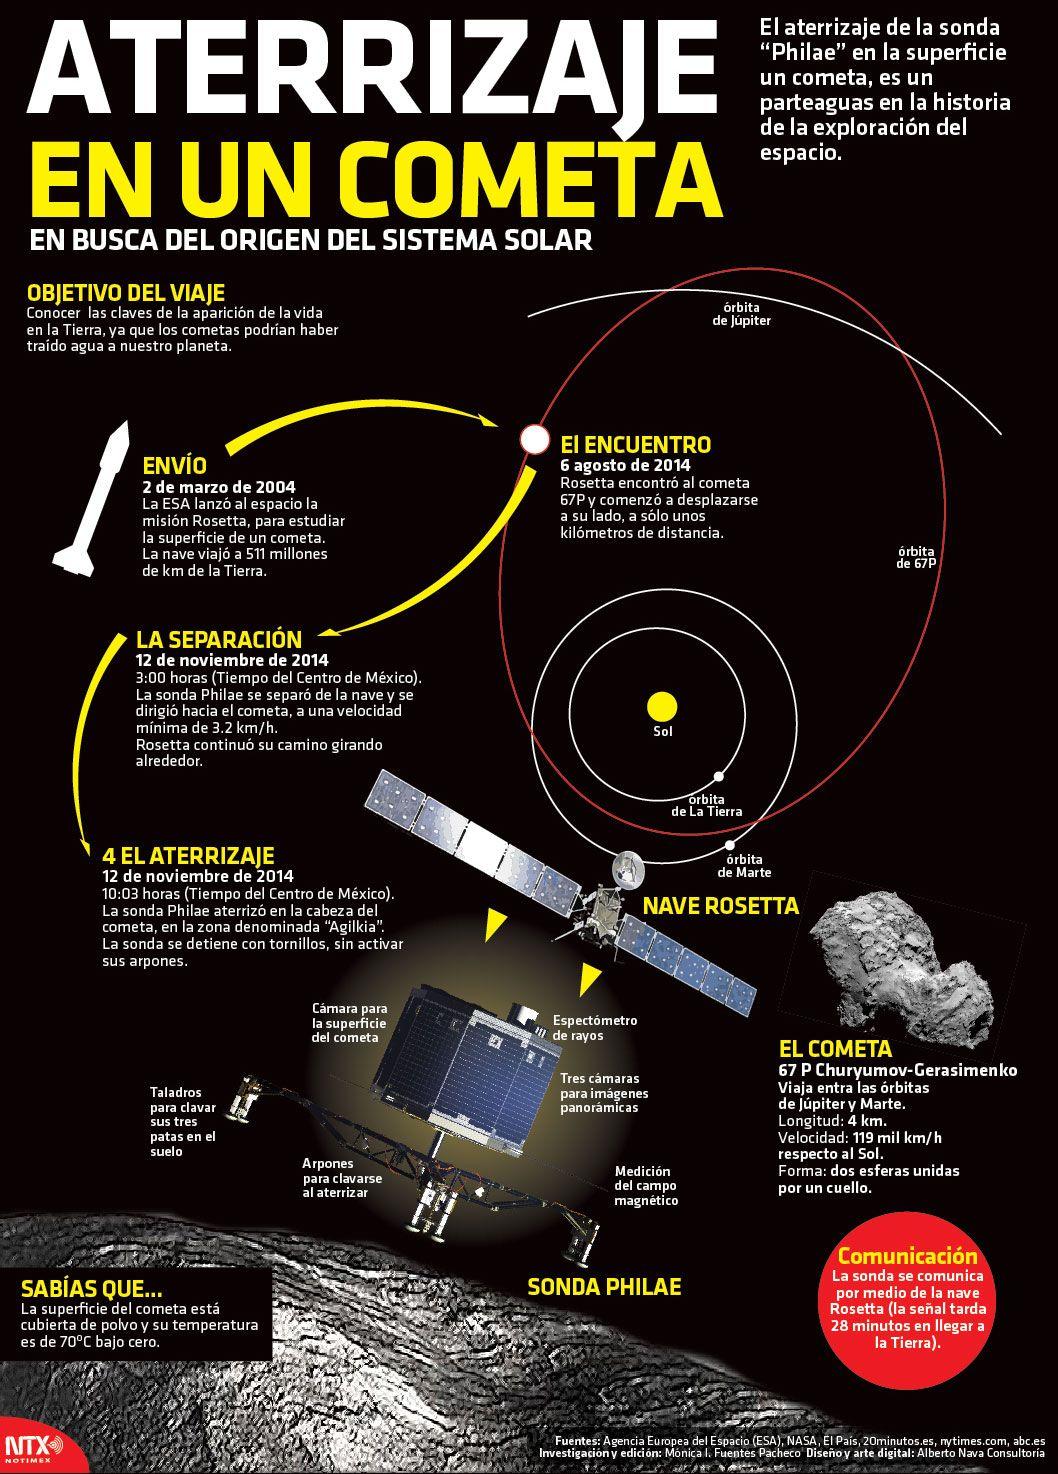 El Aterrizaje De La Sonda Philae En La Superficie De Un Cometa Es Un Parteaguas En La Historia De La Espacio Y Astronomía Exploración Del Espacio Astrofisica